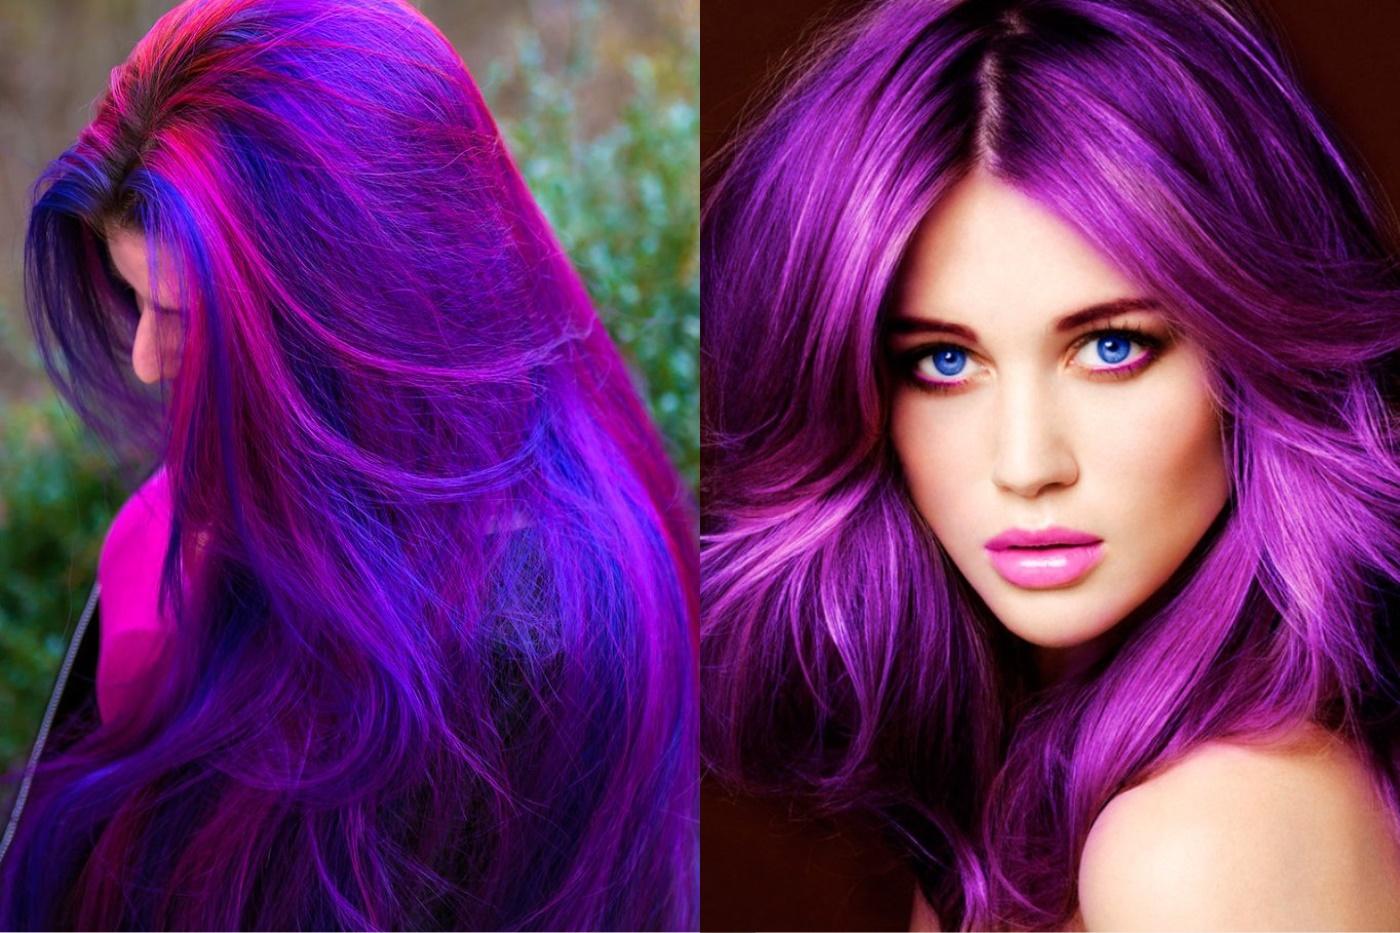 как можно наложить на фотографию фиолетовый цвет гардеробная позволит